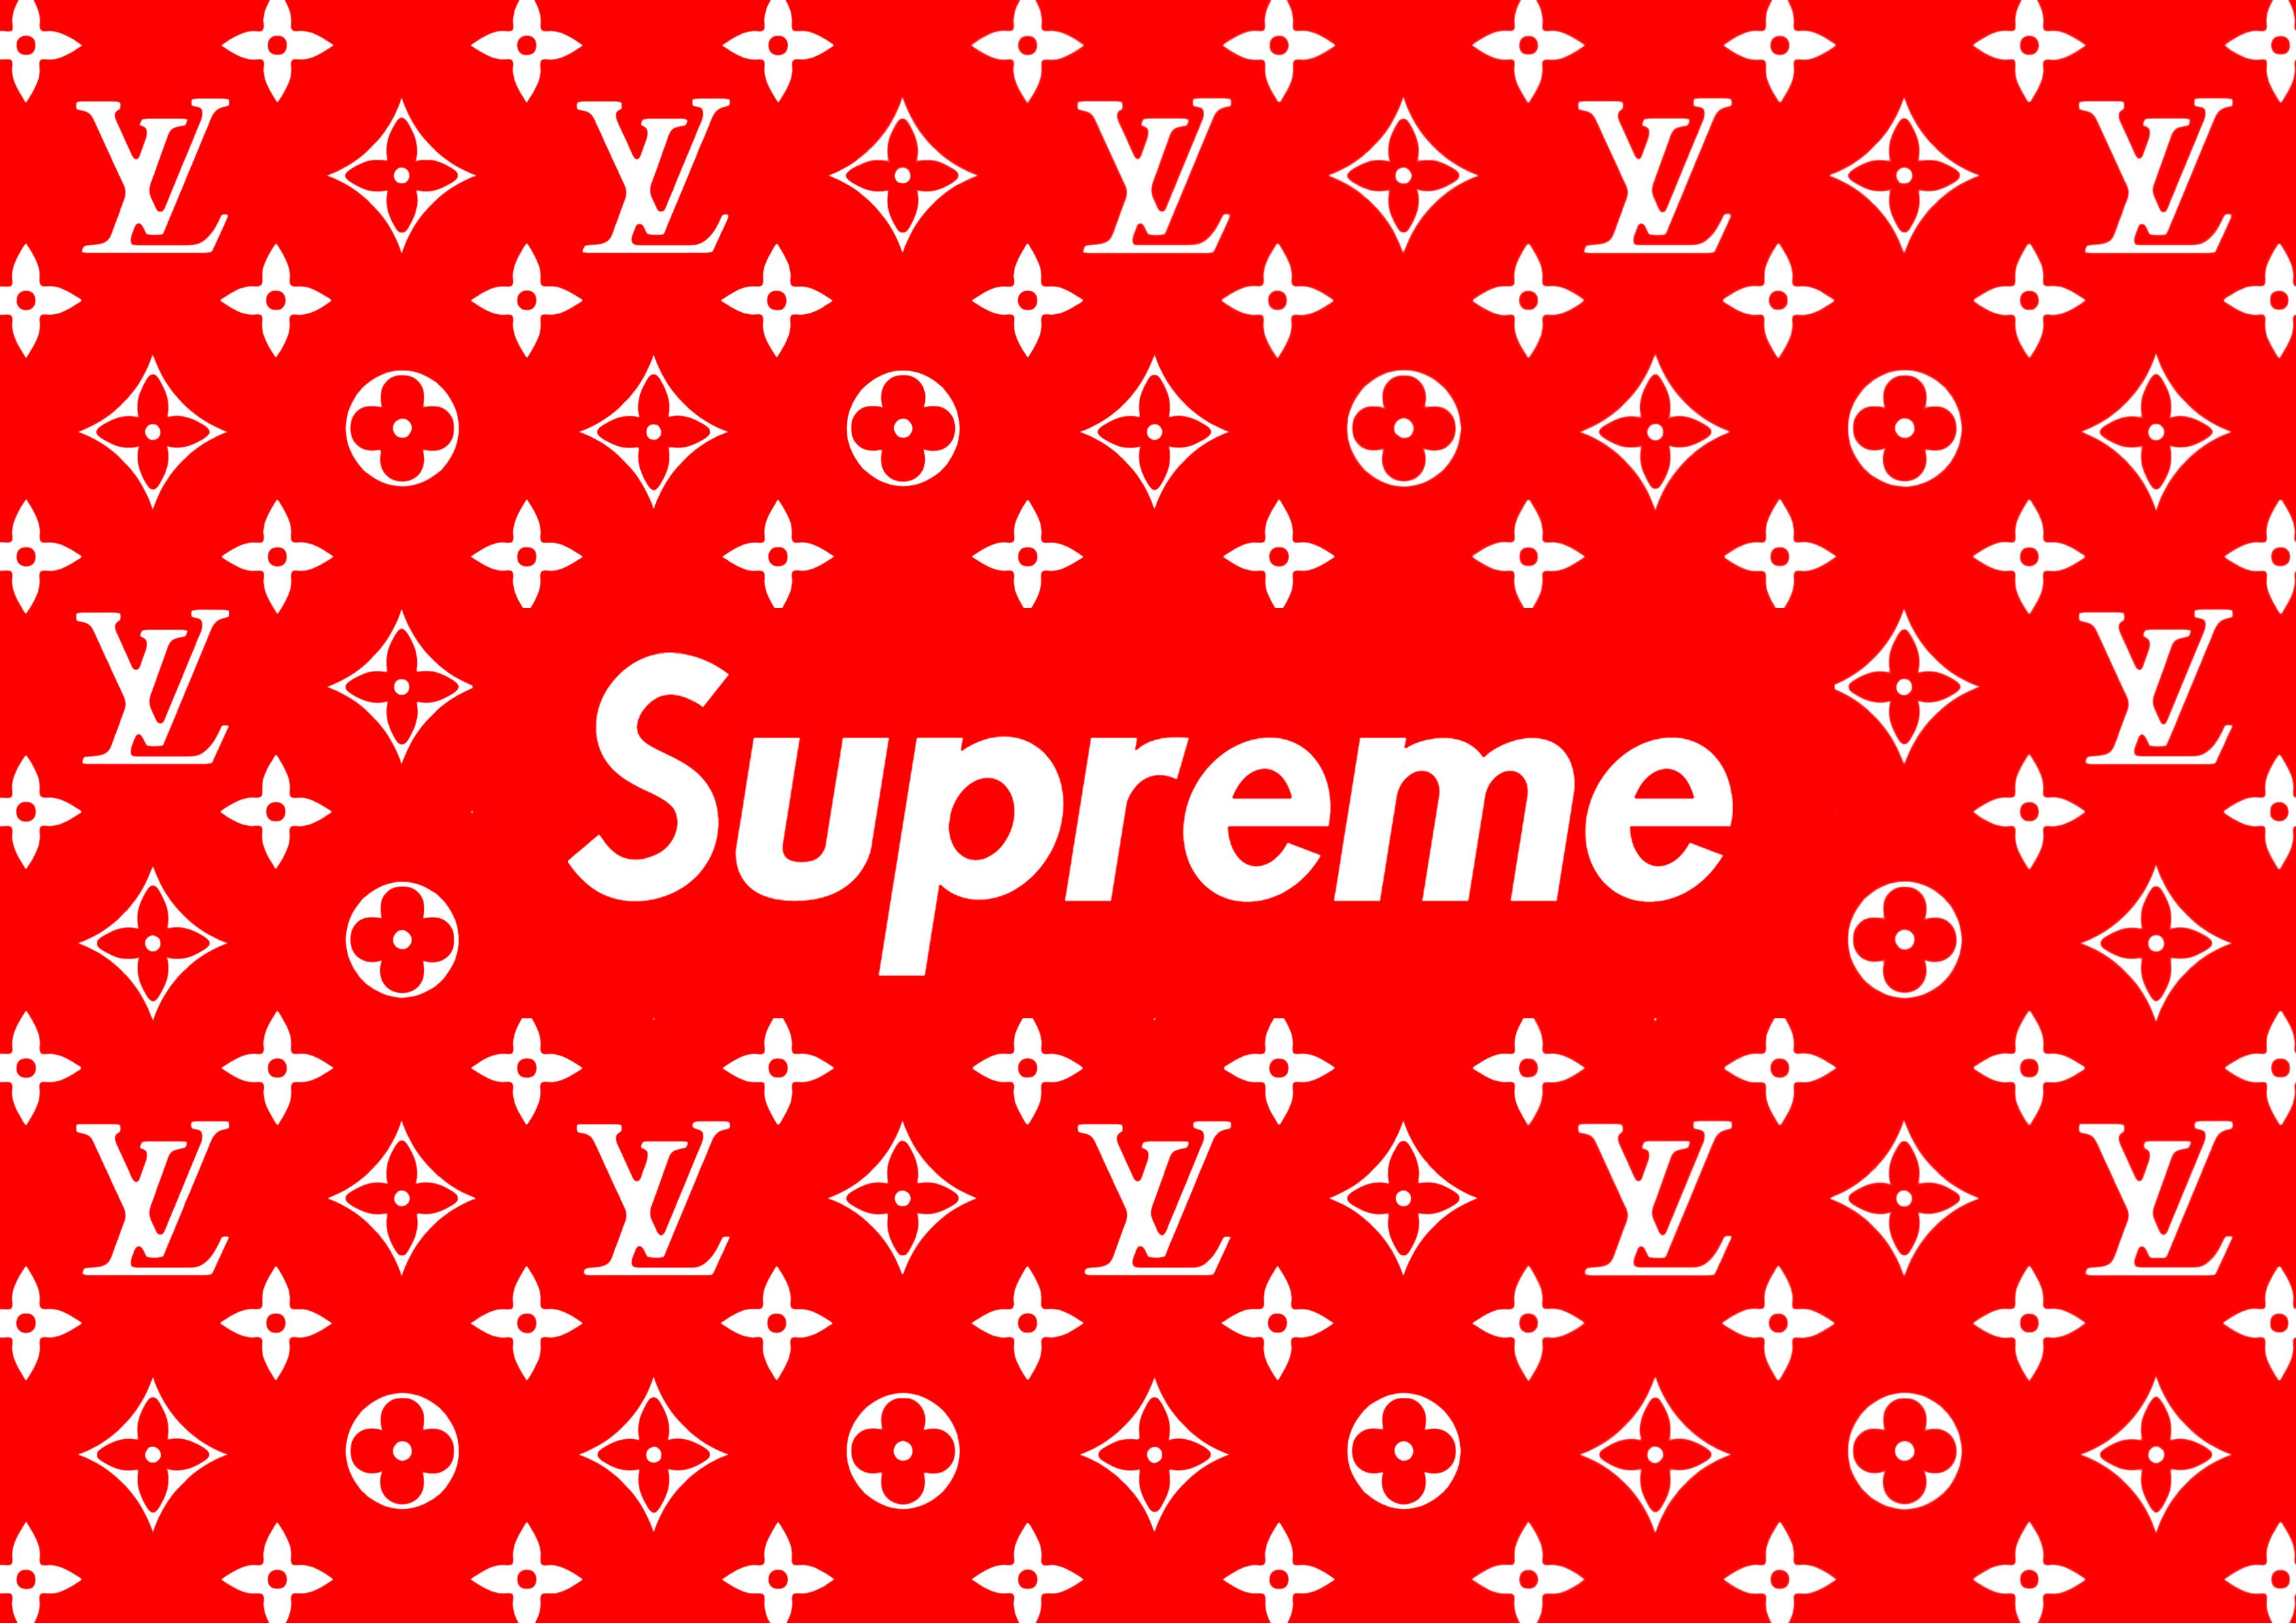 Supreme Louis Vuitton Hd Wallpapers Top Free Supreme Louis